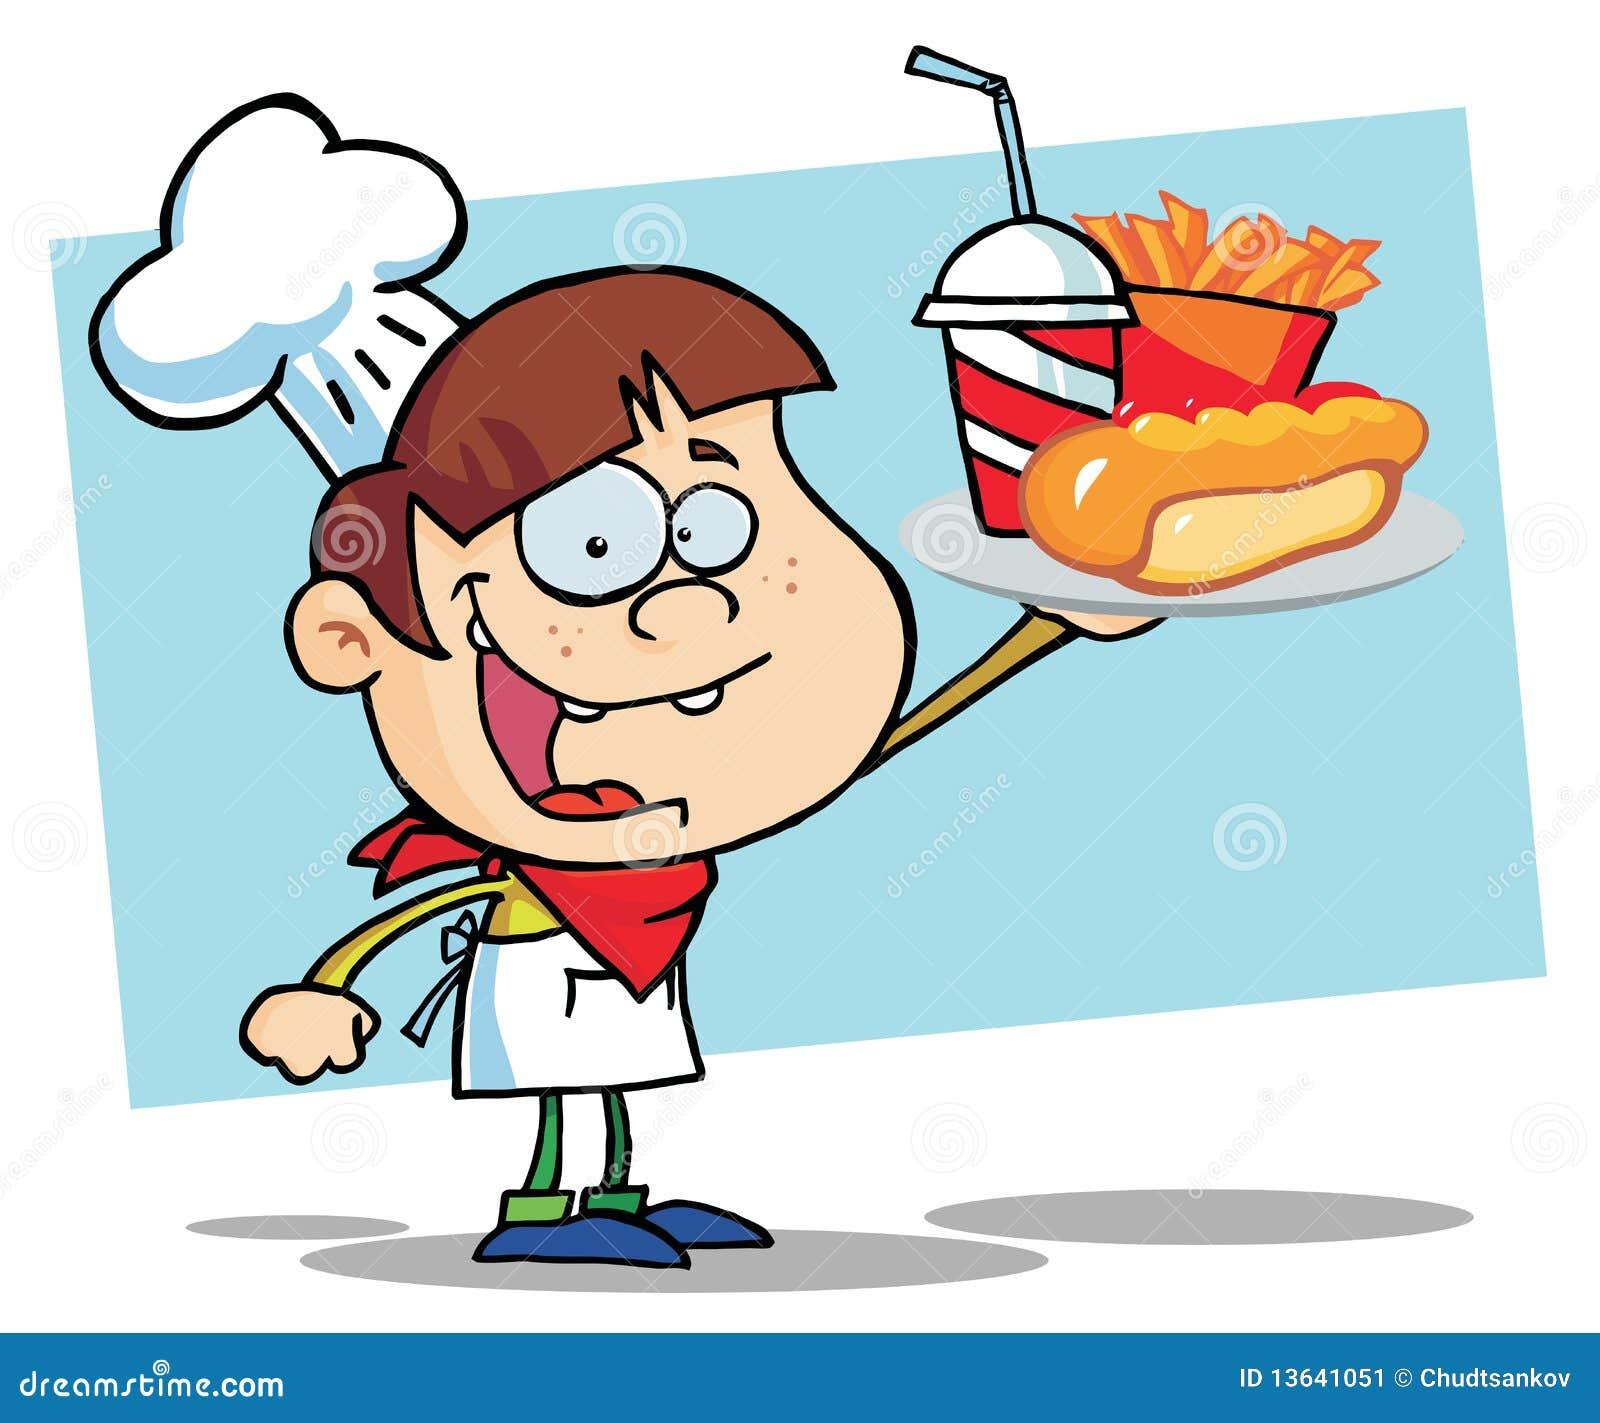 De jongen van de chef kok de dragende frieten en de drank van een hotdog vector illustratie - Turquoise ruimte van de jongen ...